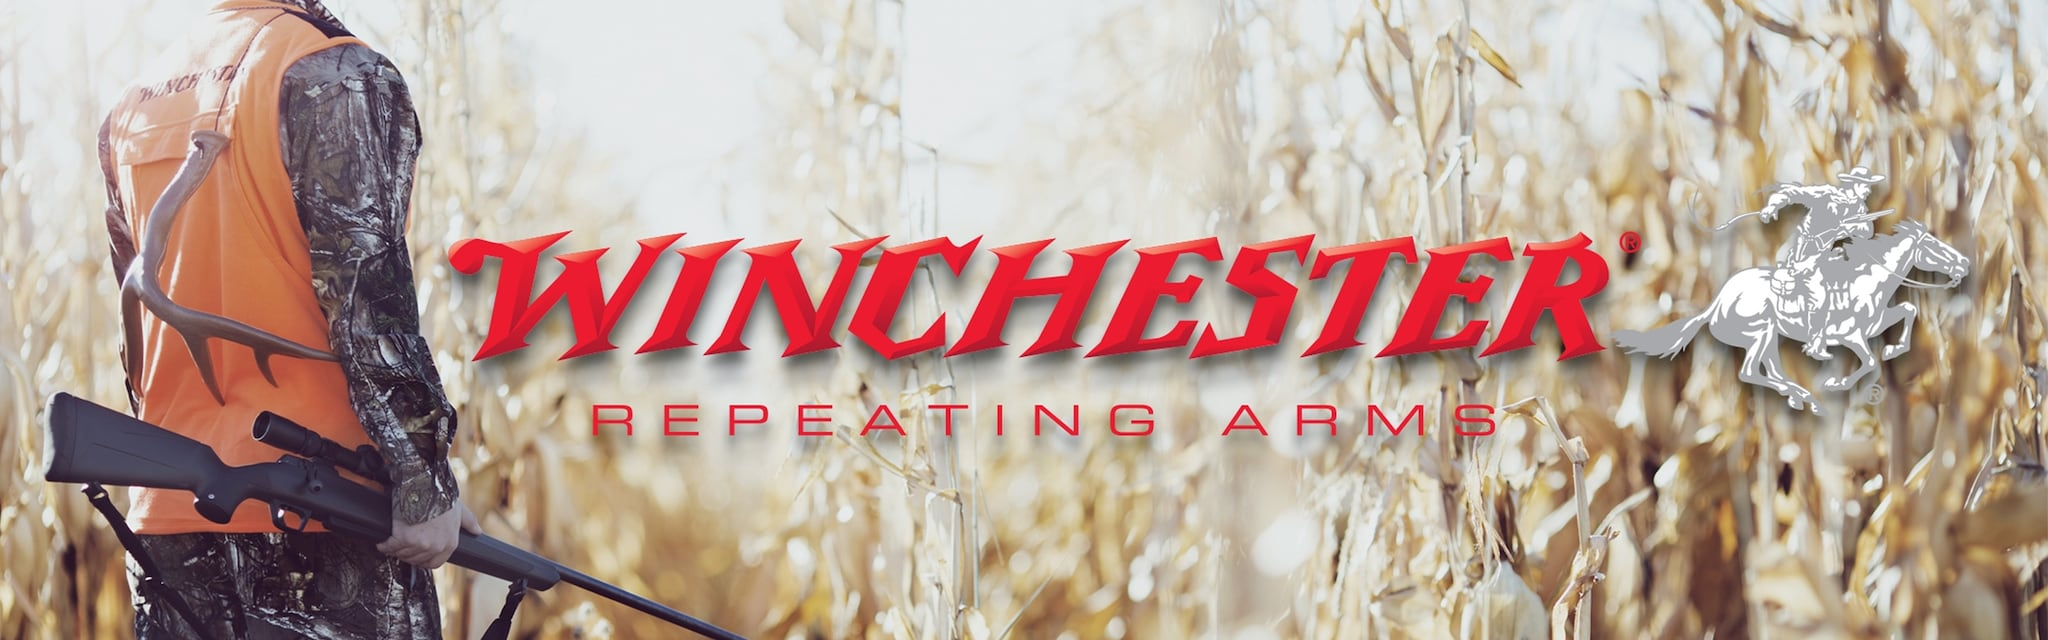 winchester brand banner